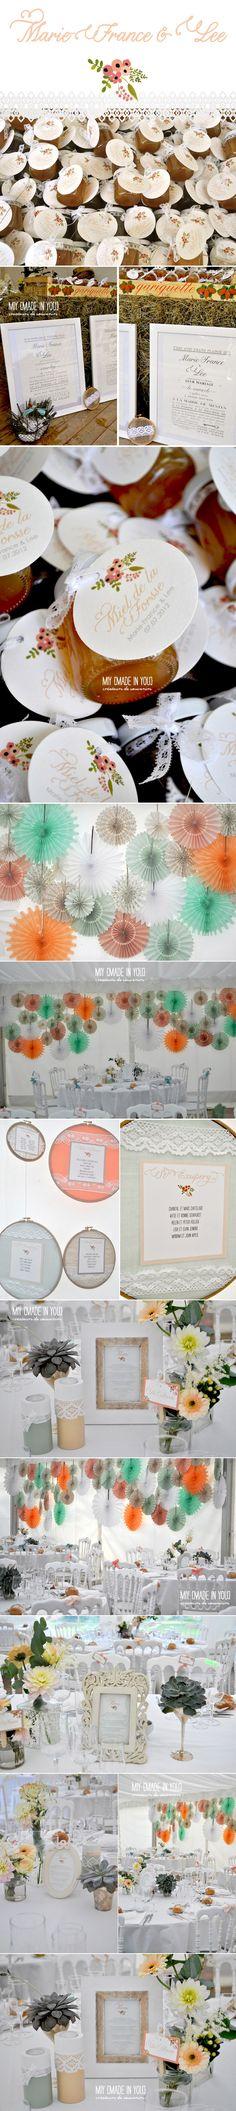 décoration des tables, noeuds sur les chaises et menus